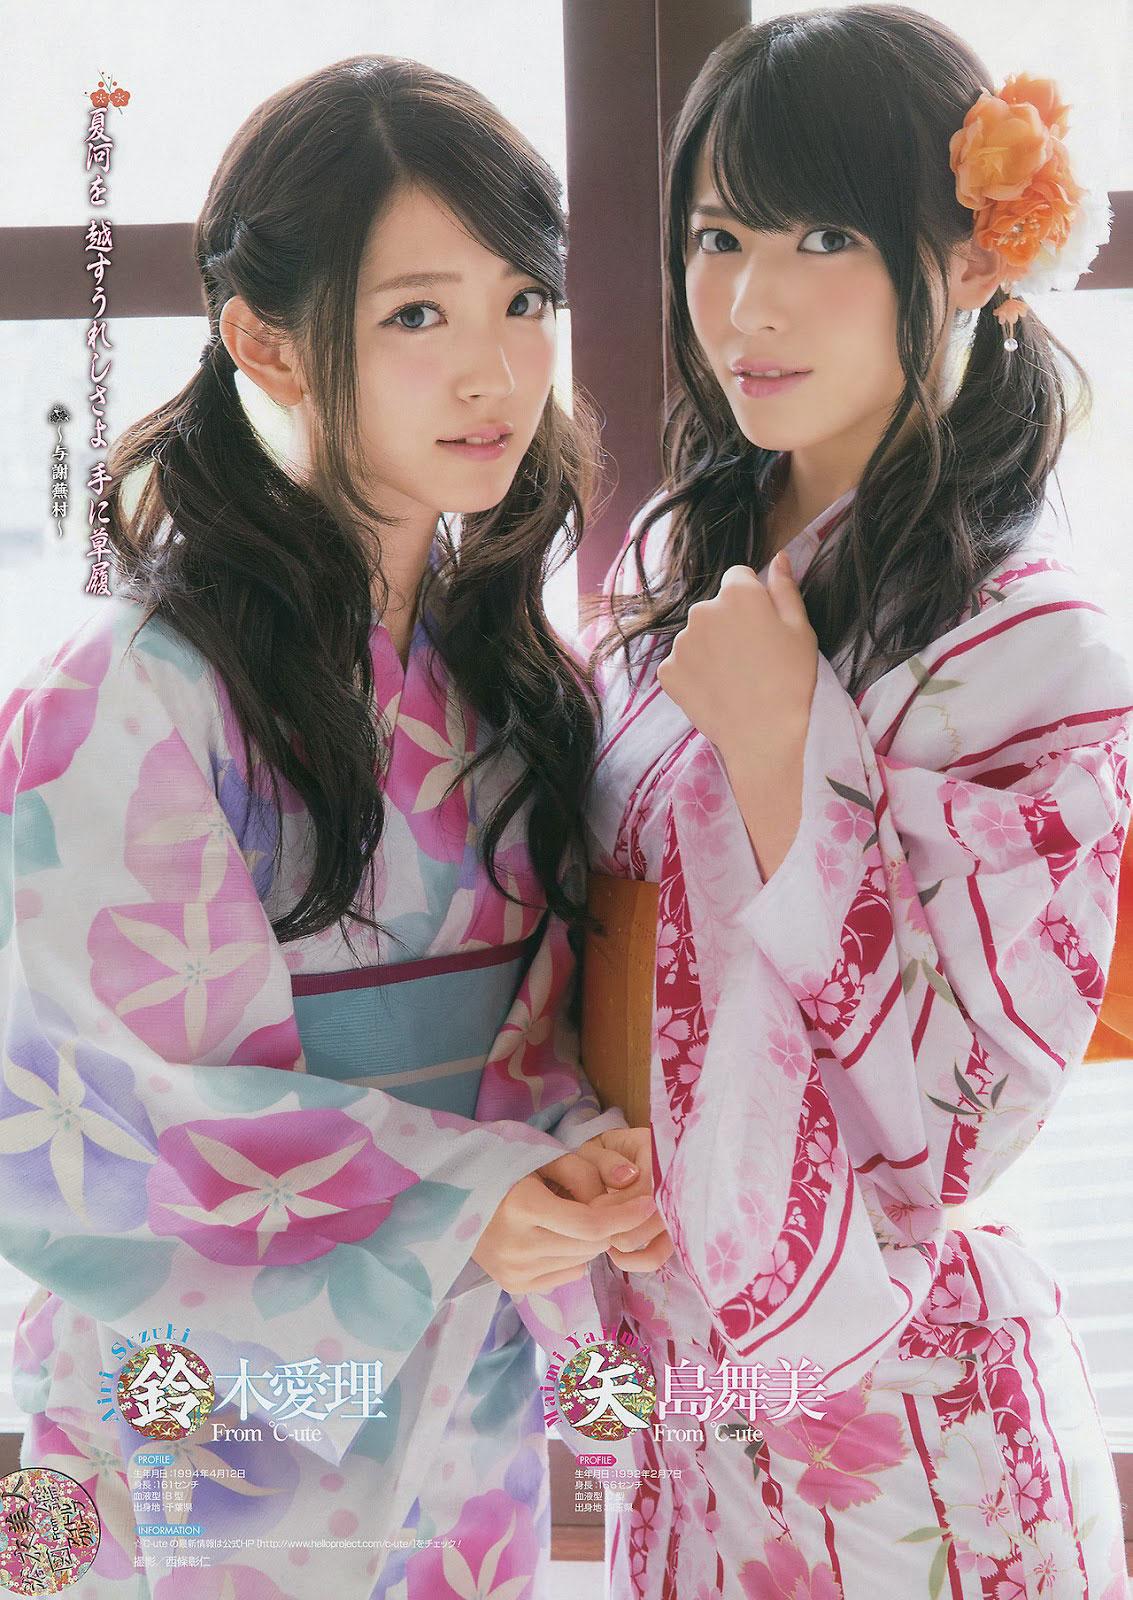 C-ute Maimi Yajima Airi Suzuki Japanese kimono